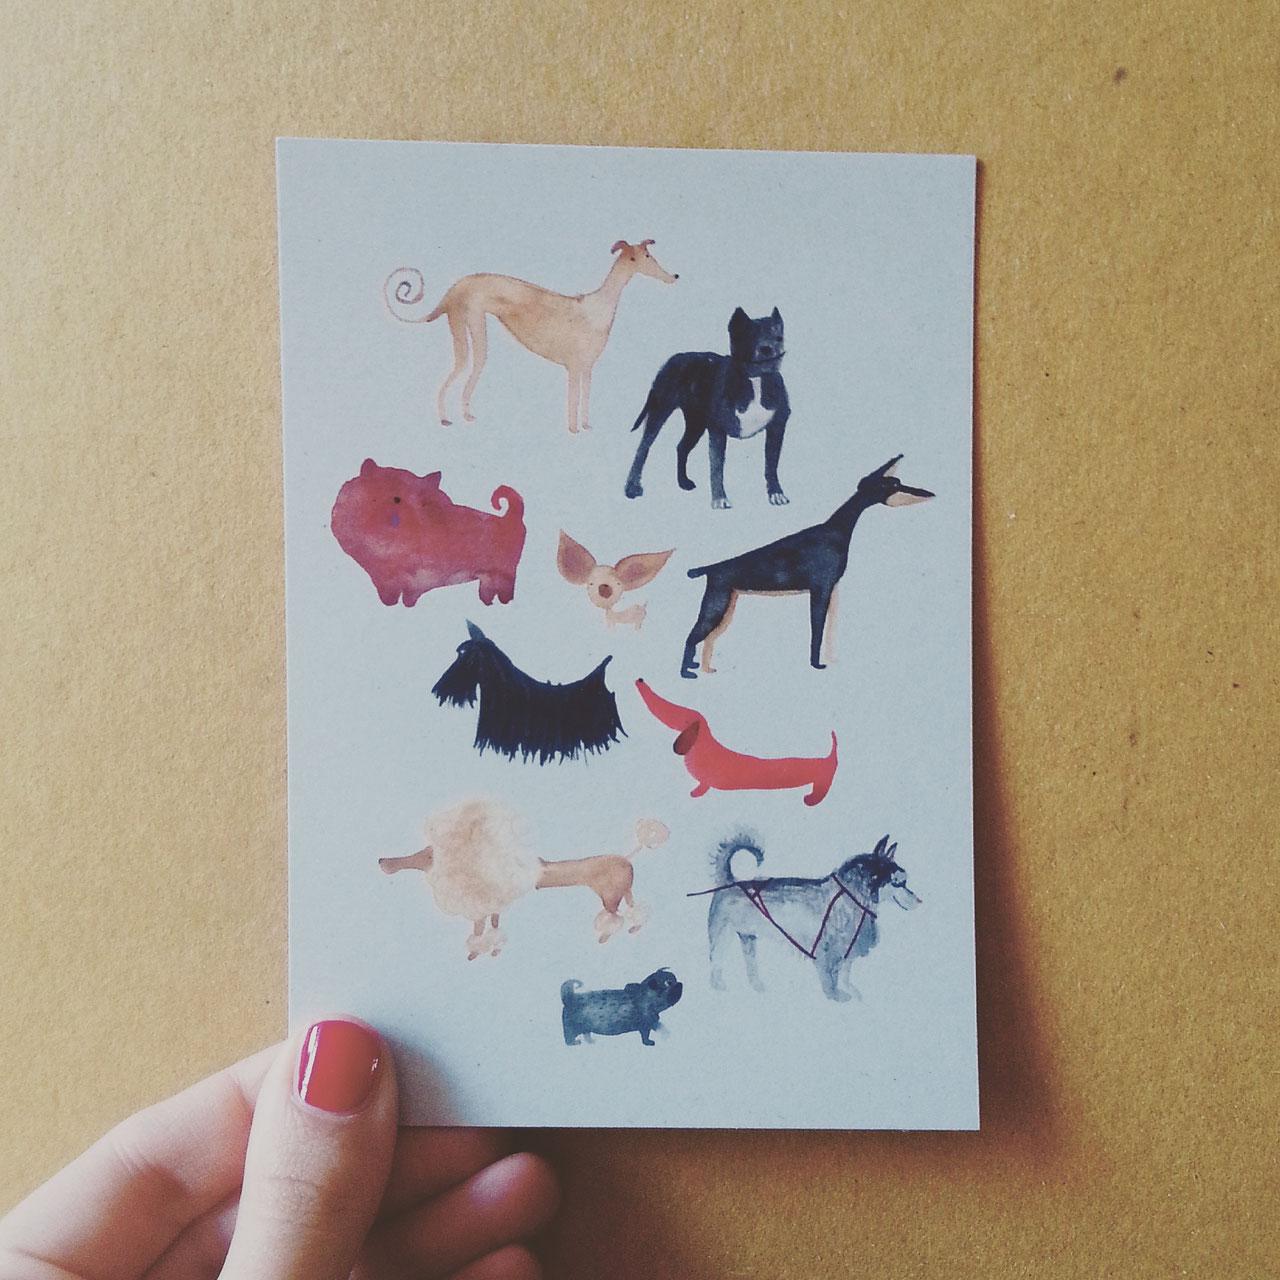 b r von pappe postkarte hunde widda. Black Bedroom Furniture Sets. Home Design Ideas